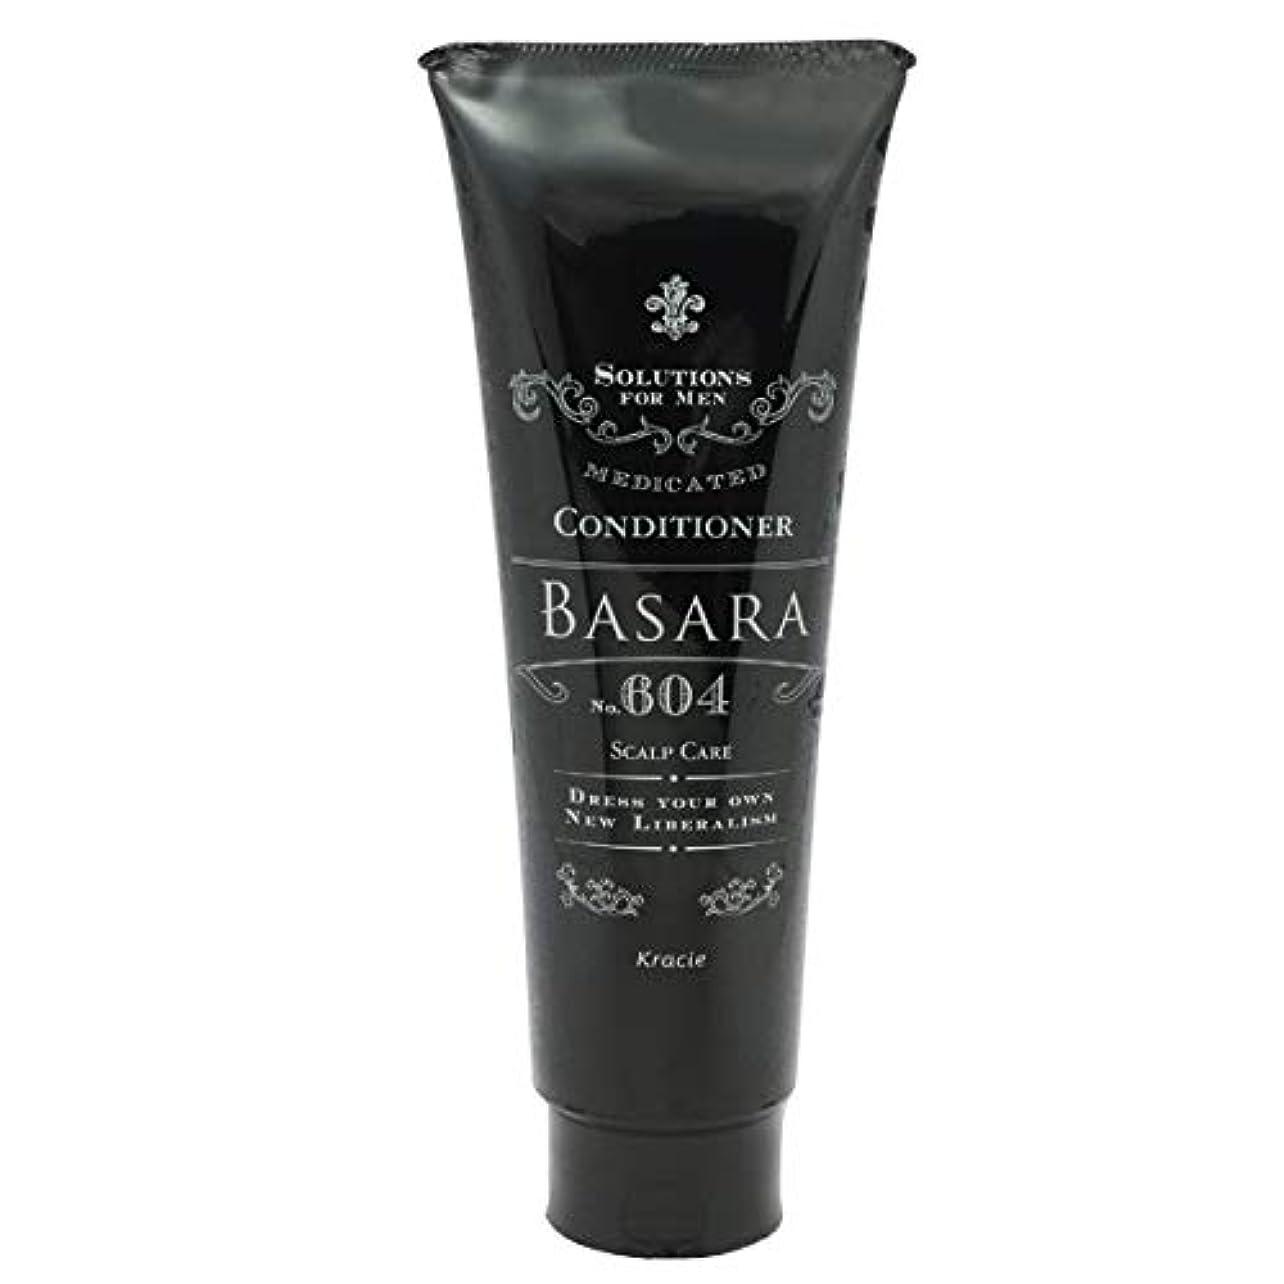 測るタンザニアプレゼンサロンモード(Salon Mode) クラシエ バサラ 薬用スカルプ コンディショナー 604 250g